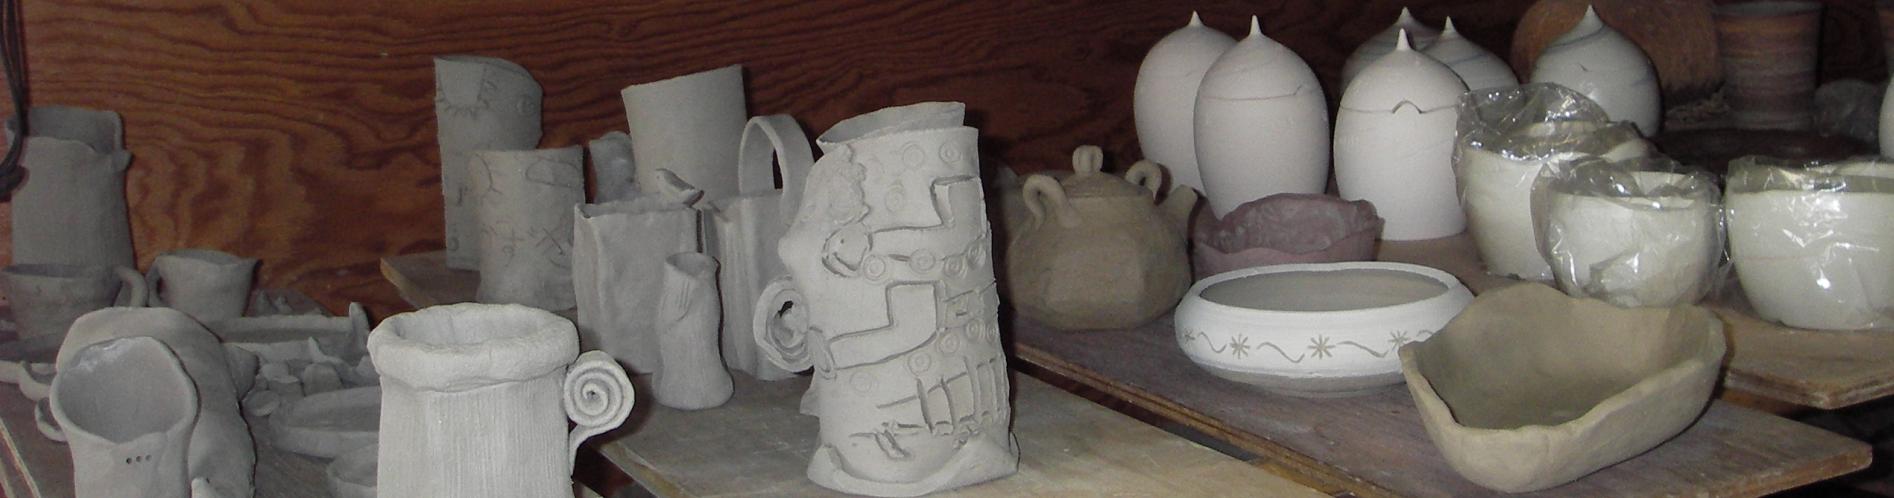 新しい陶芸との出会いが待ってます